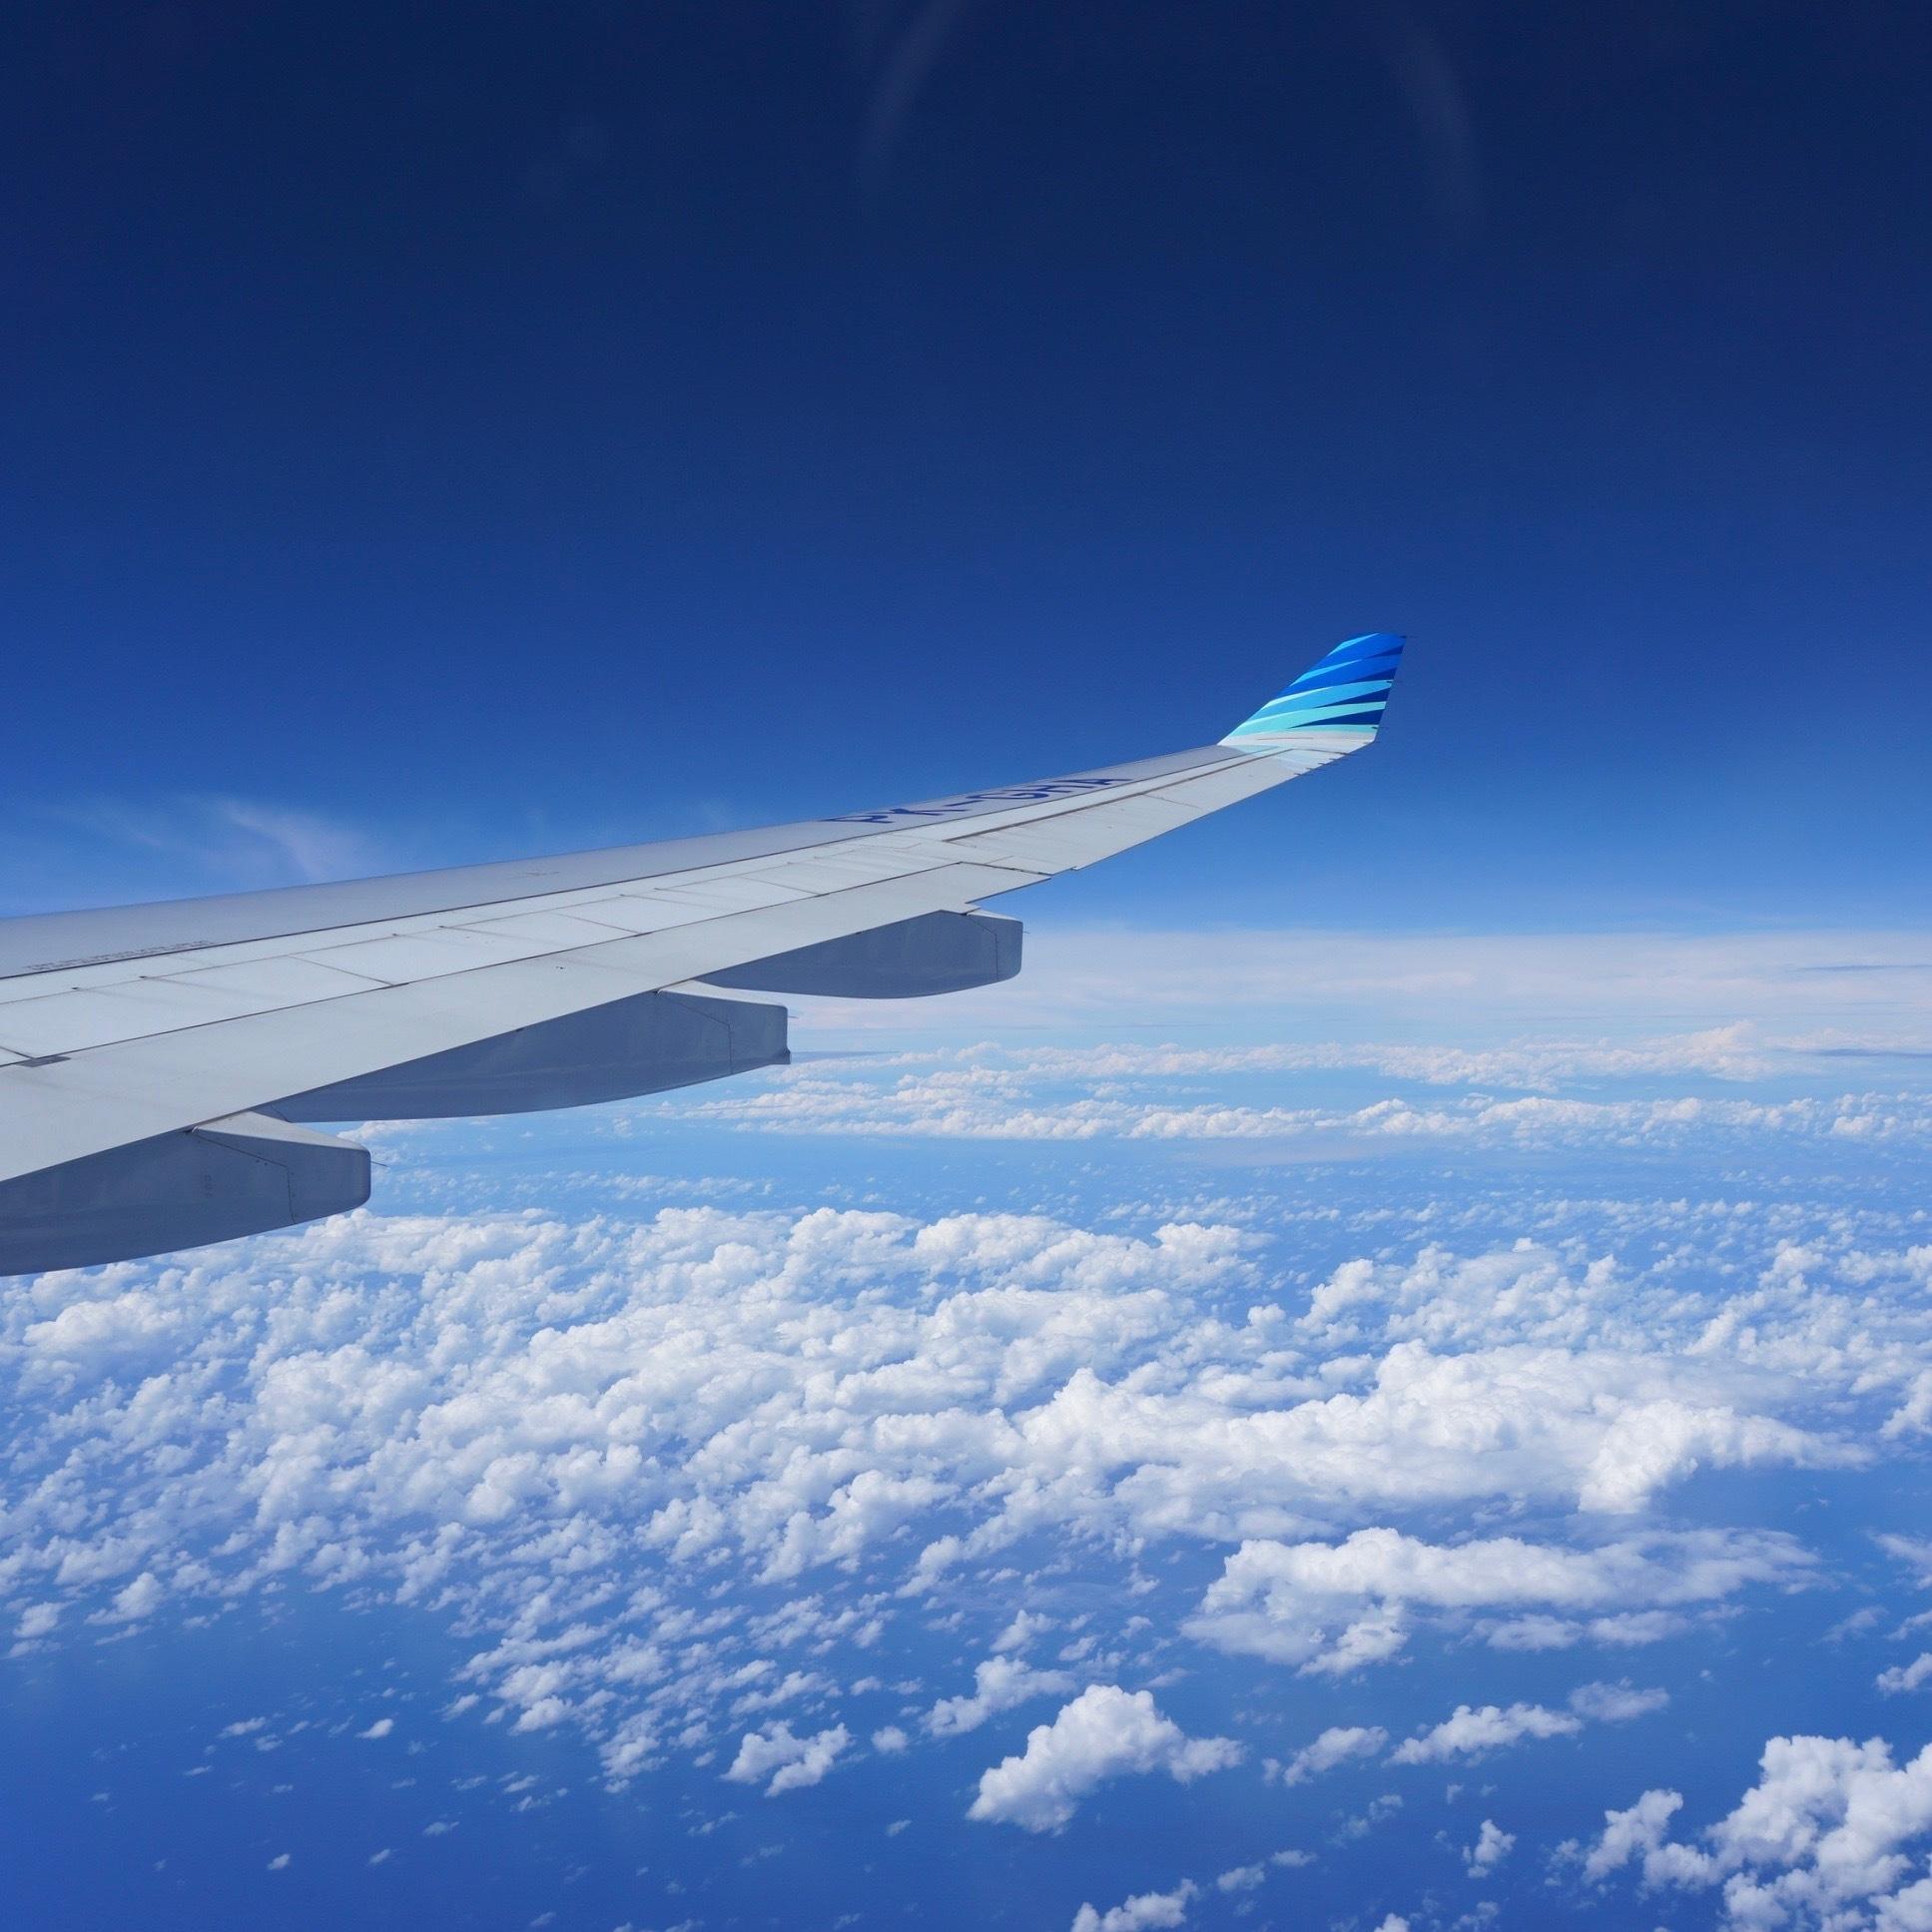 【30代女子アジア旅おすすめ】エコノミークラスでも快適に過ごせる飛行機選びのコツ